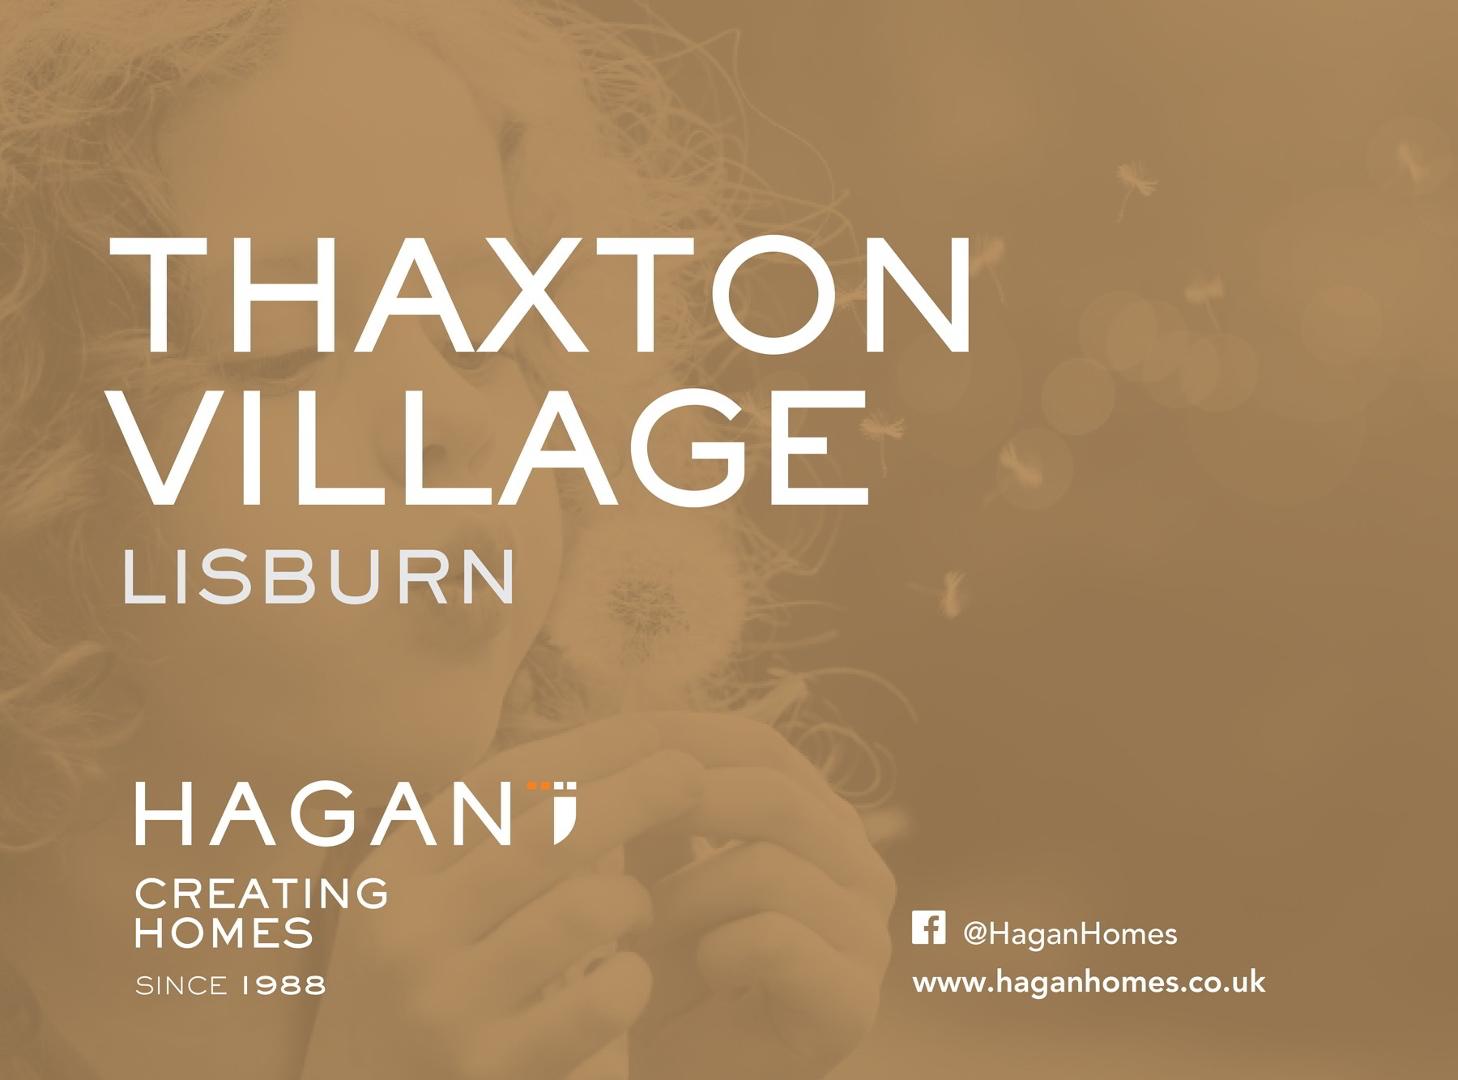 Photo 1 of Thaxton Village, Lisburn